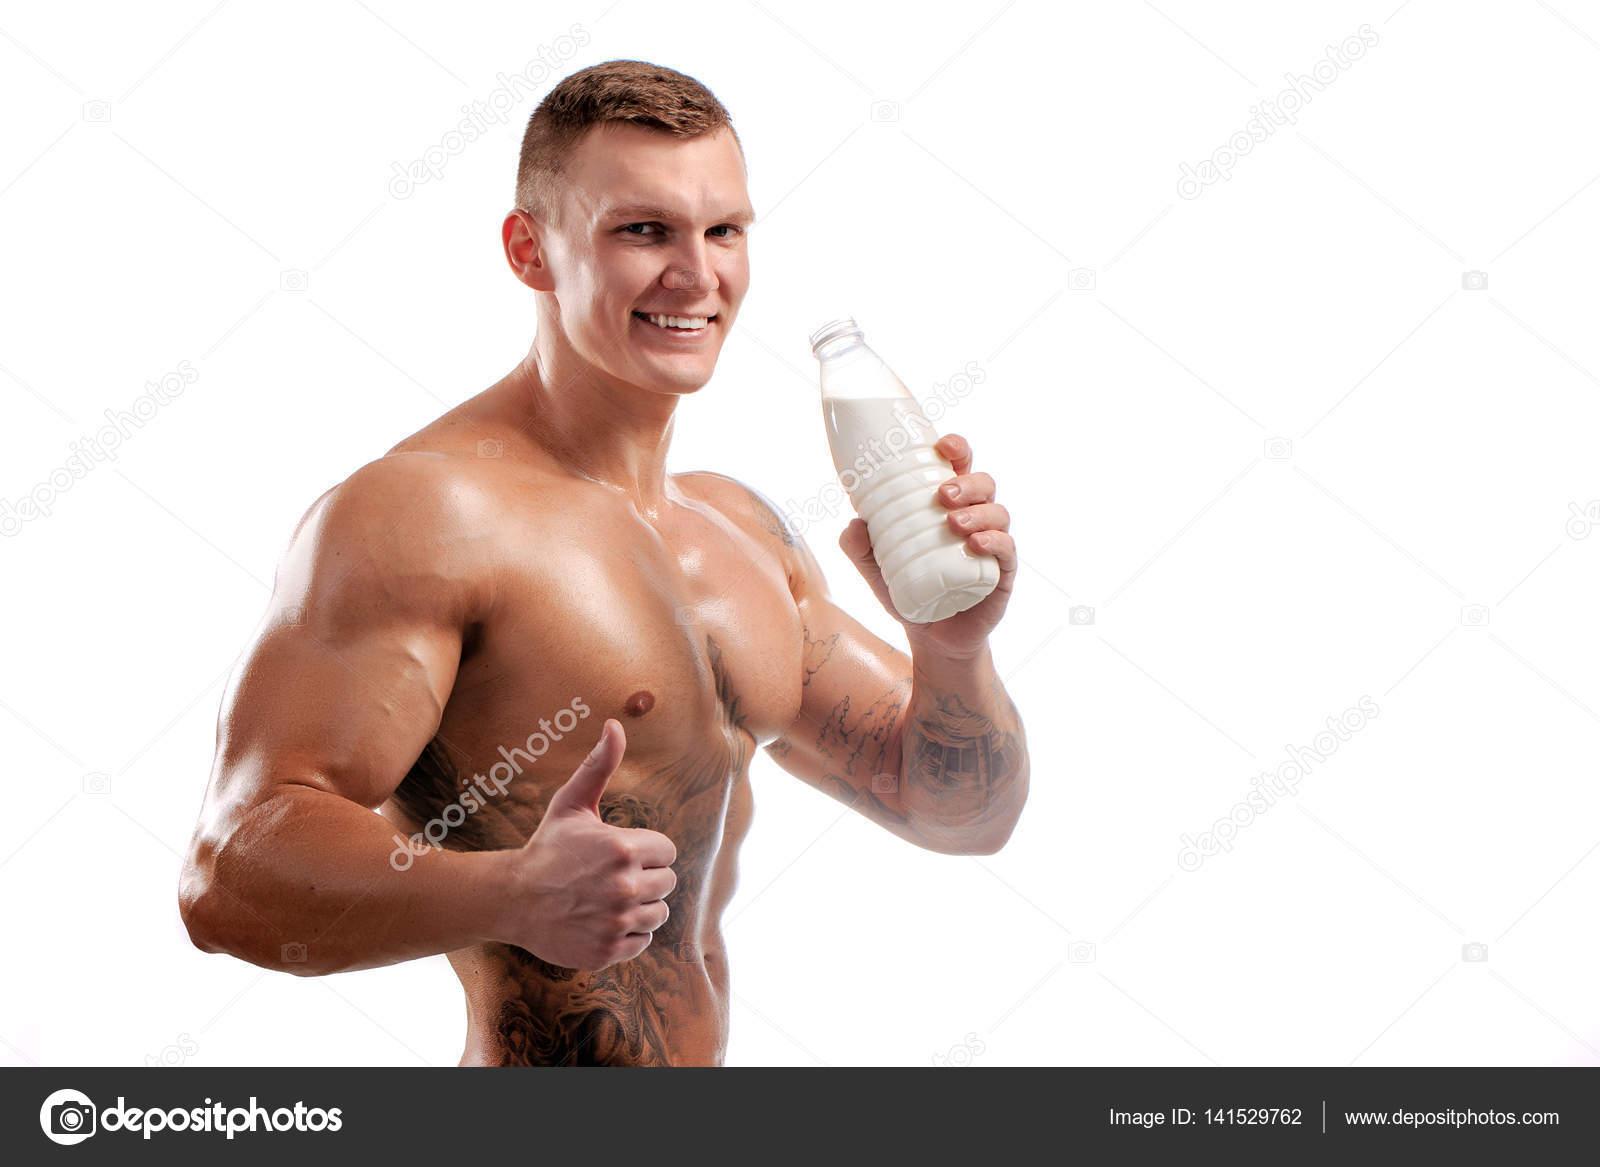 bouteille de lait dans les mains du sportif homme en bonne sant tatouage photographie. Black Bedroom Furniture Sets. Home Design Ideas